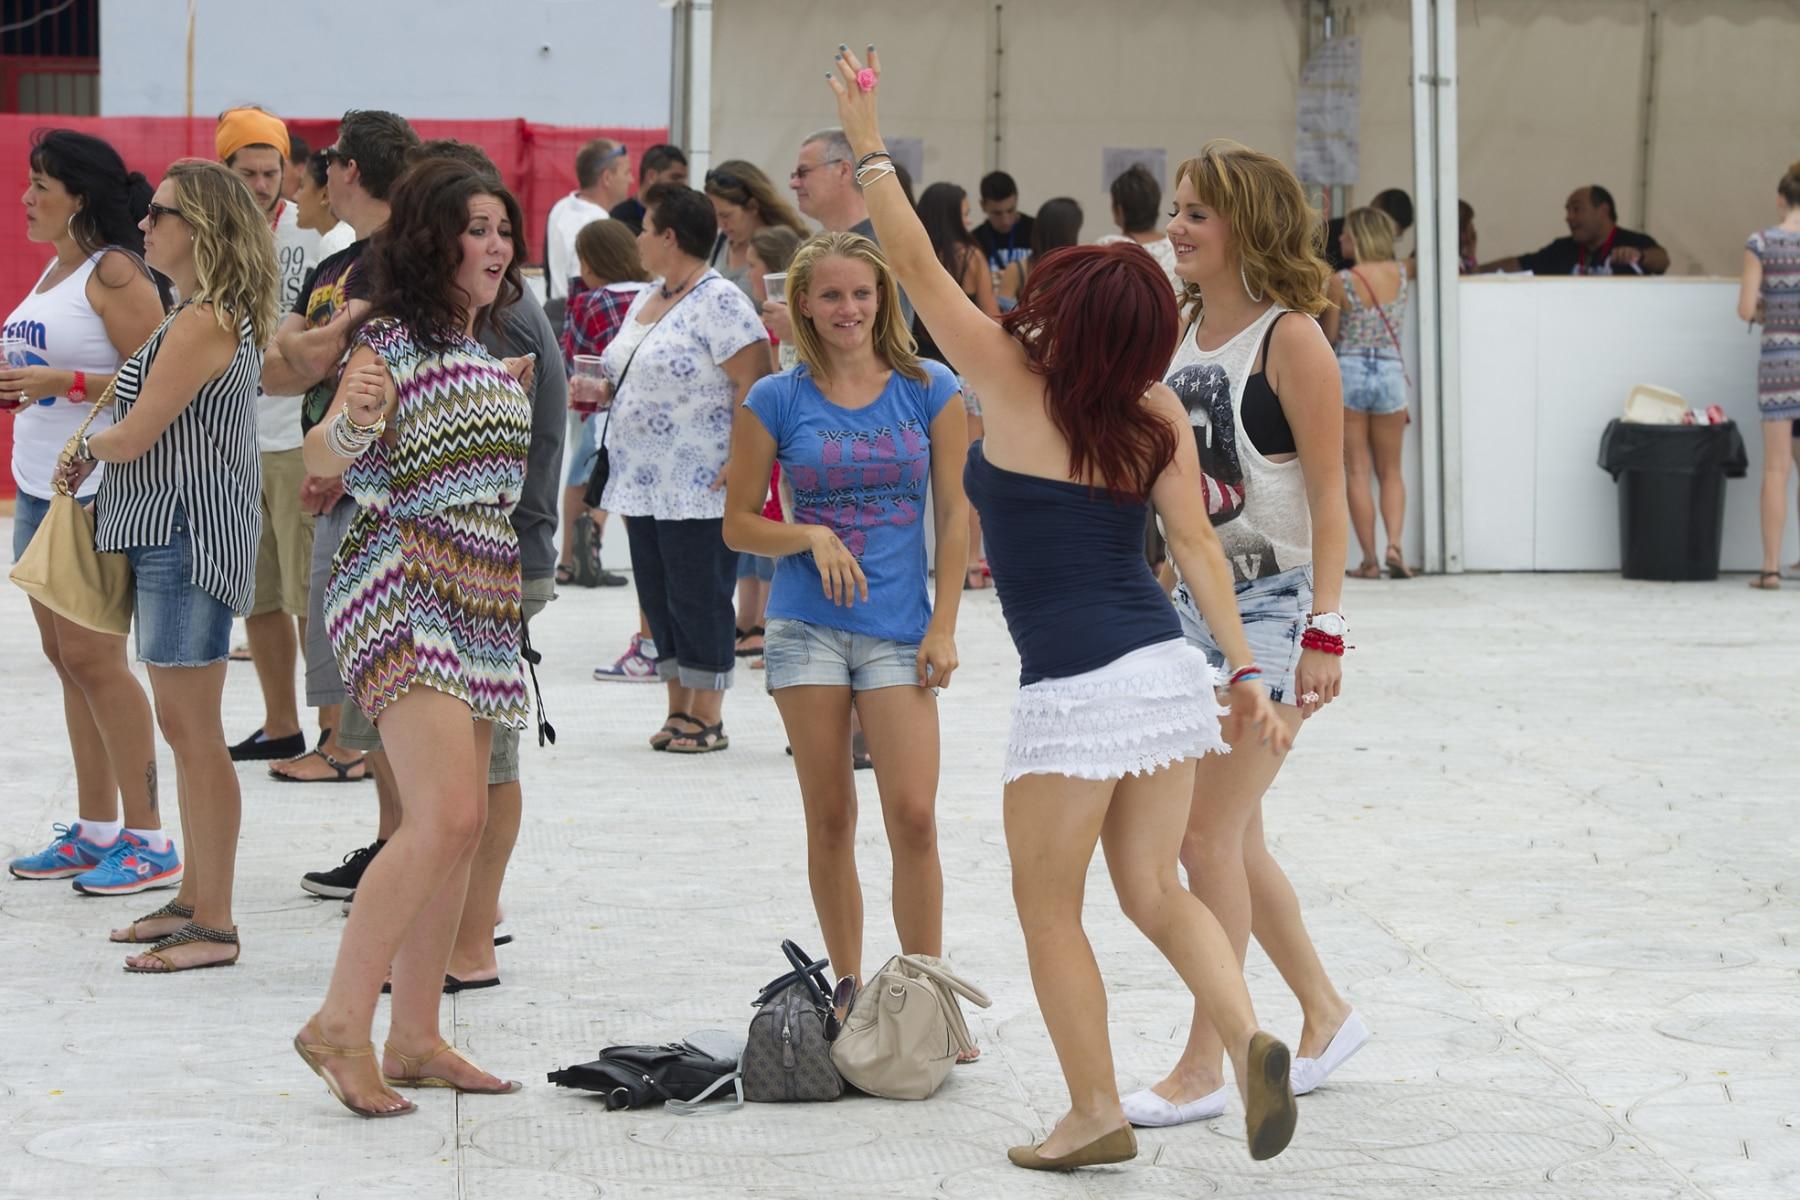 gibraltar-music-festival-2013-publico-y-ambiente_9703084950_o